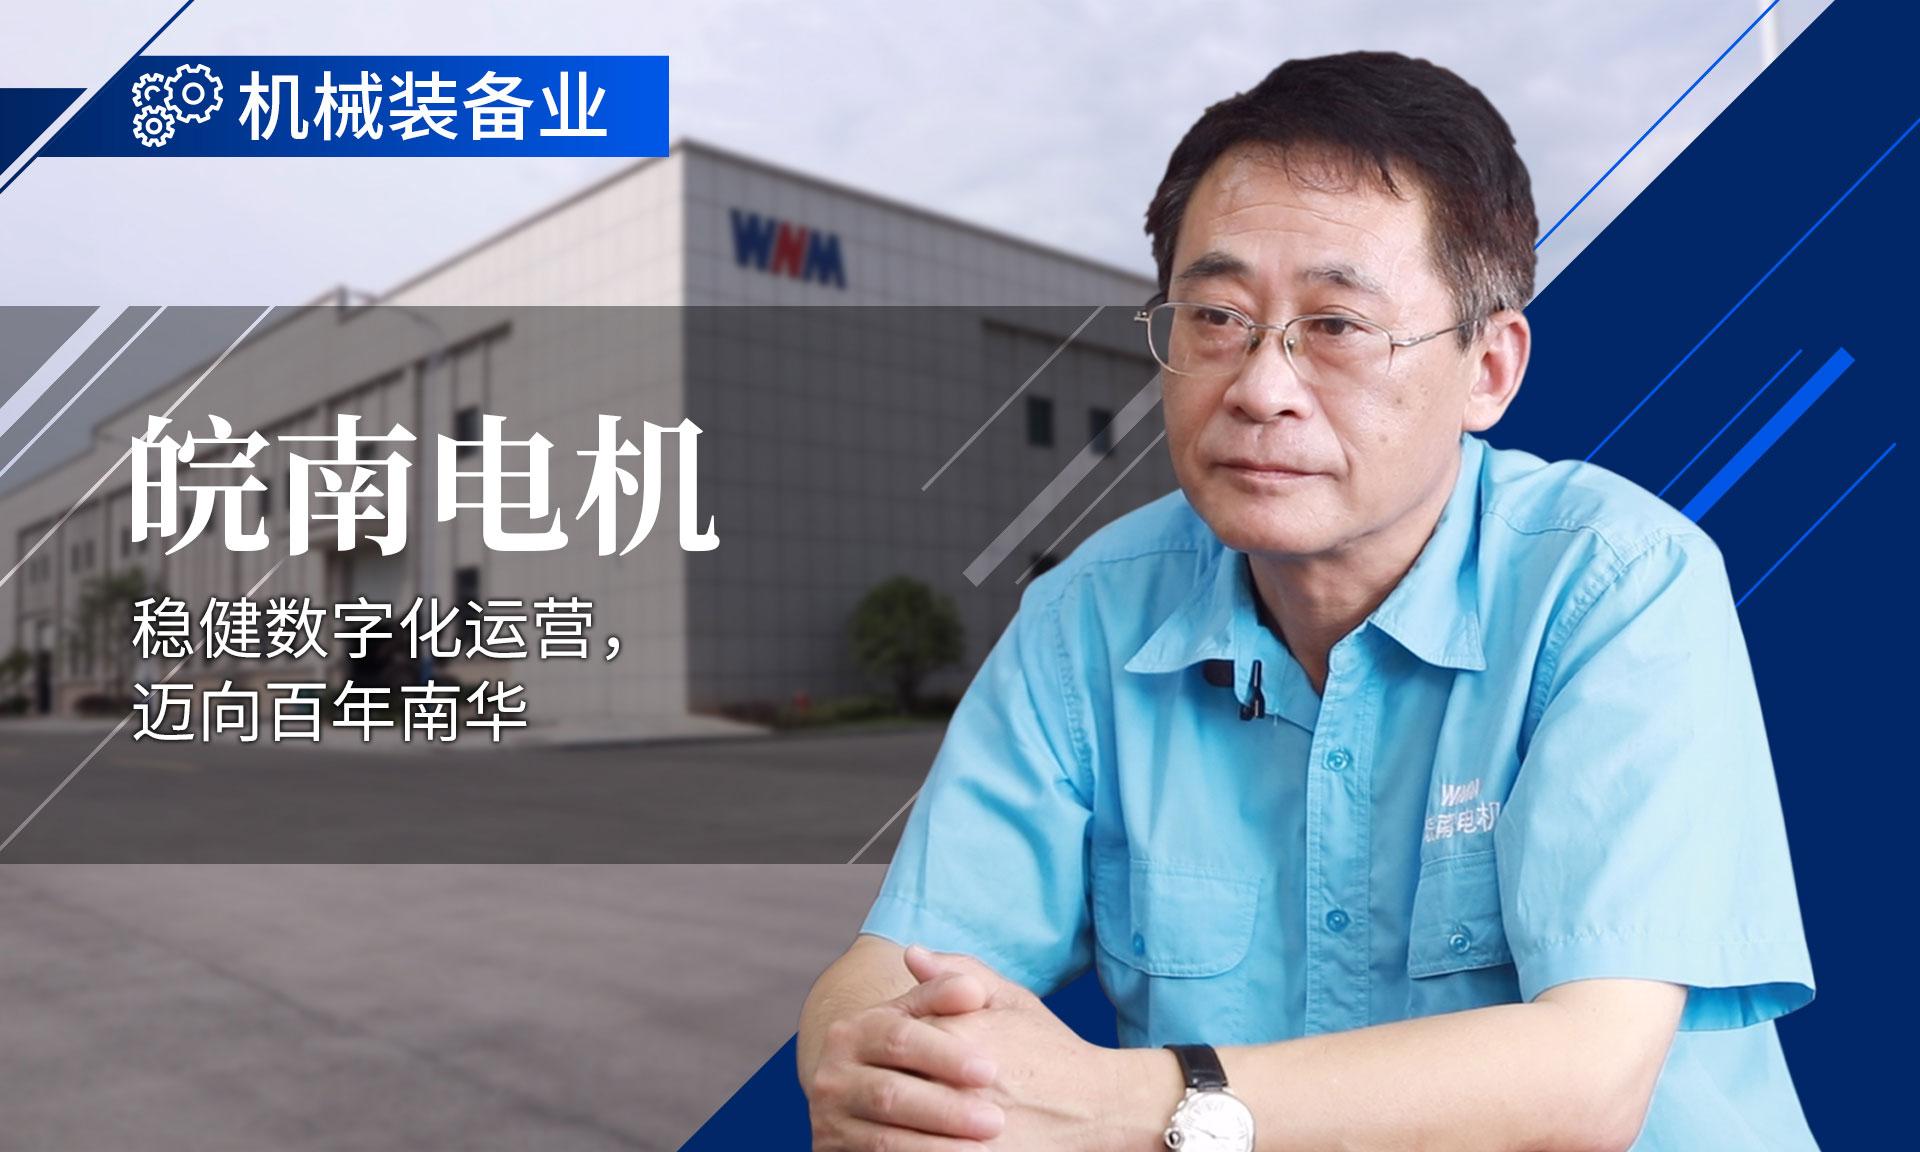 皖南电机-稳健数字化运营,迈向百年南华